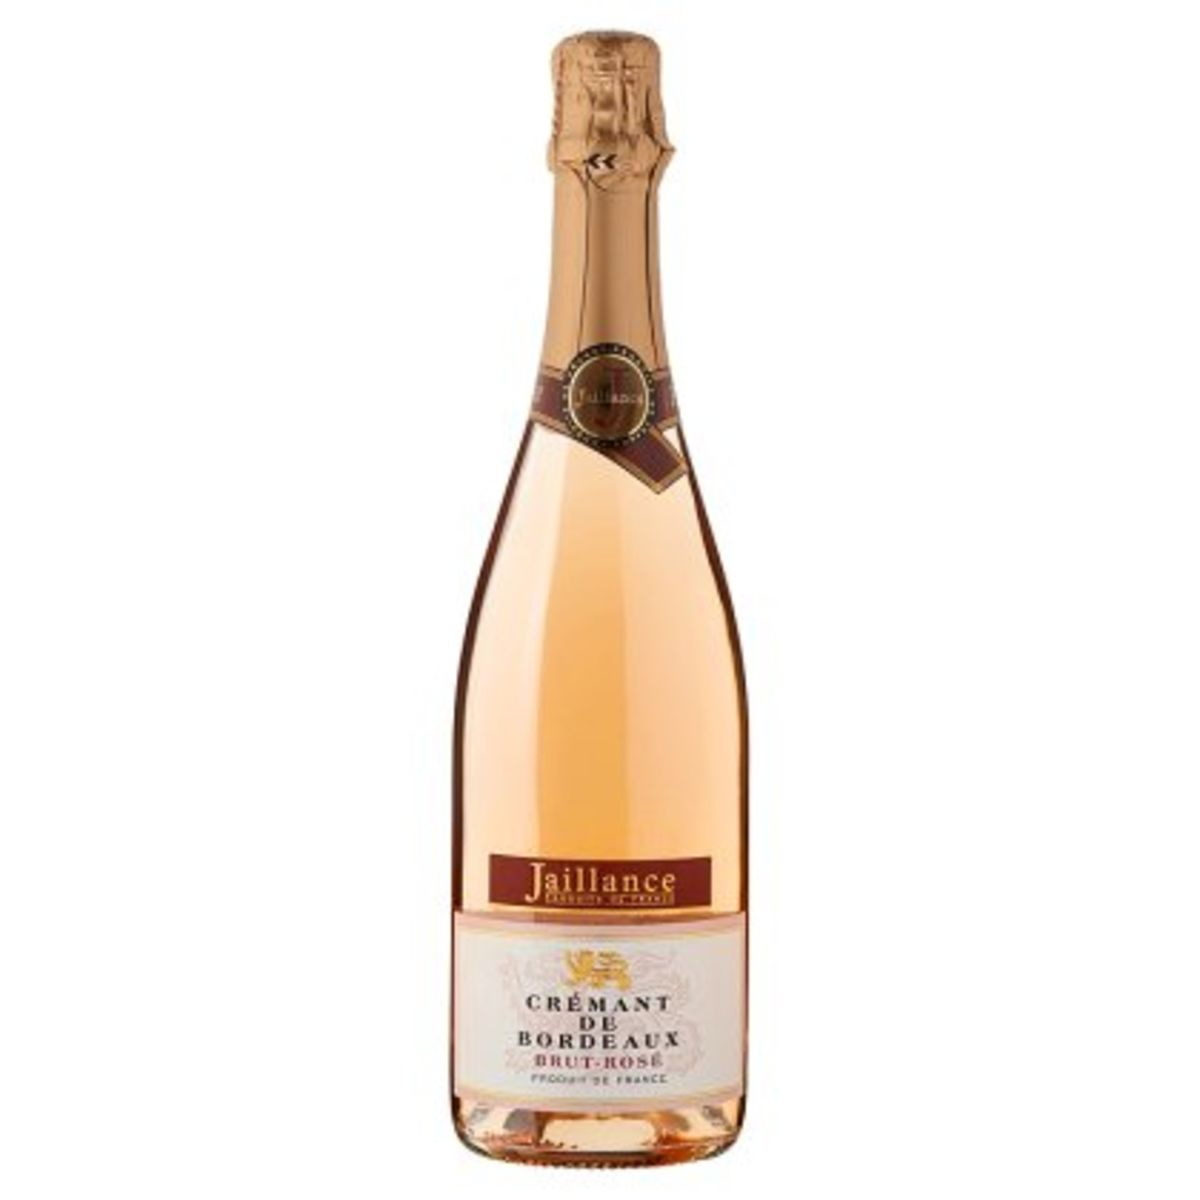 Jaillance Crémant de Bordeaux Brut - Rosé 750 ml